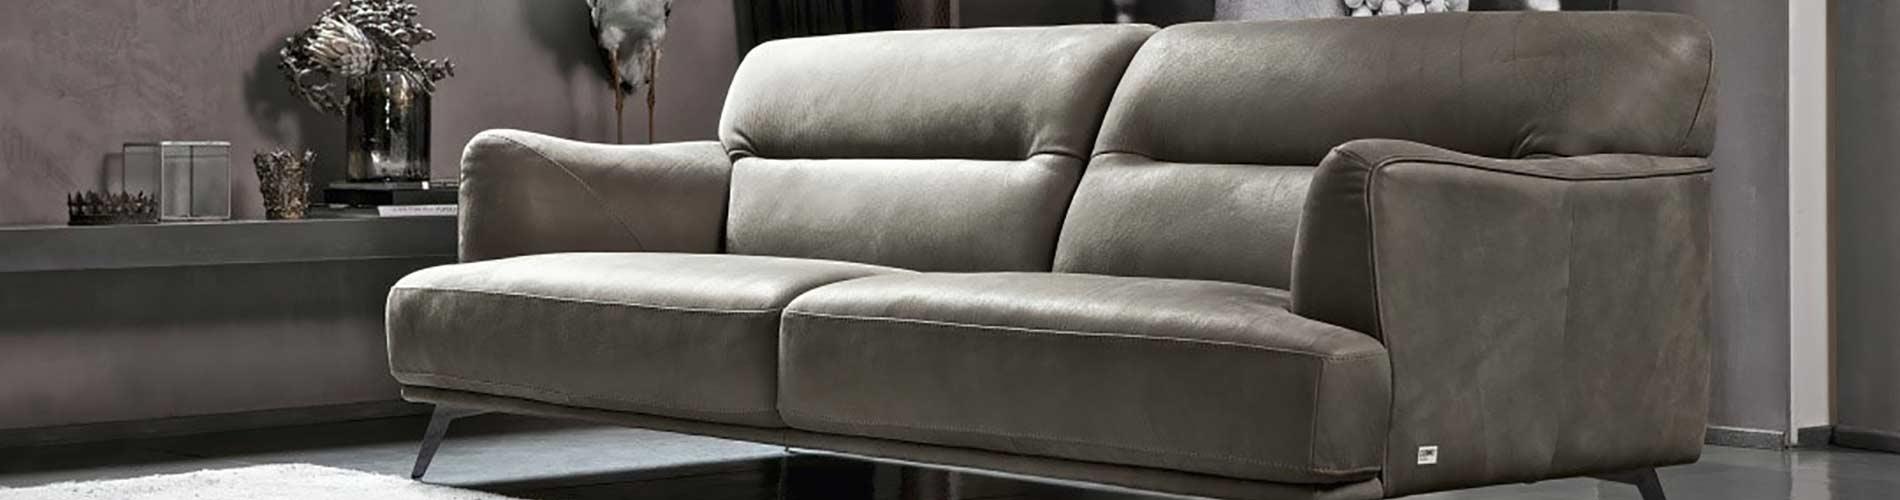 Divani Più divani e arredamento di interni